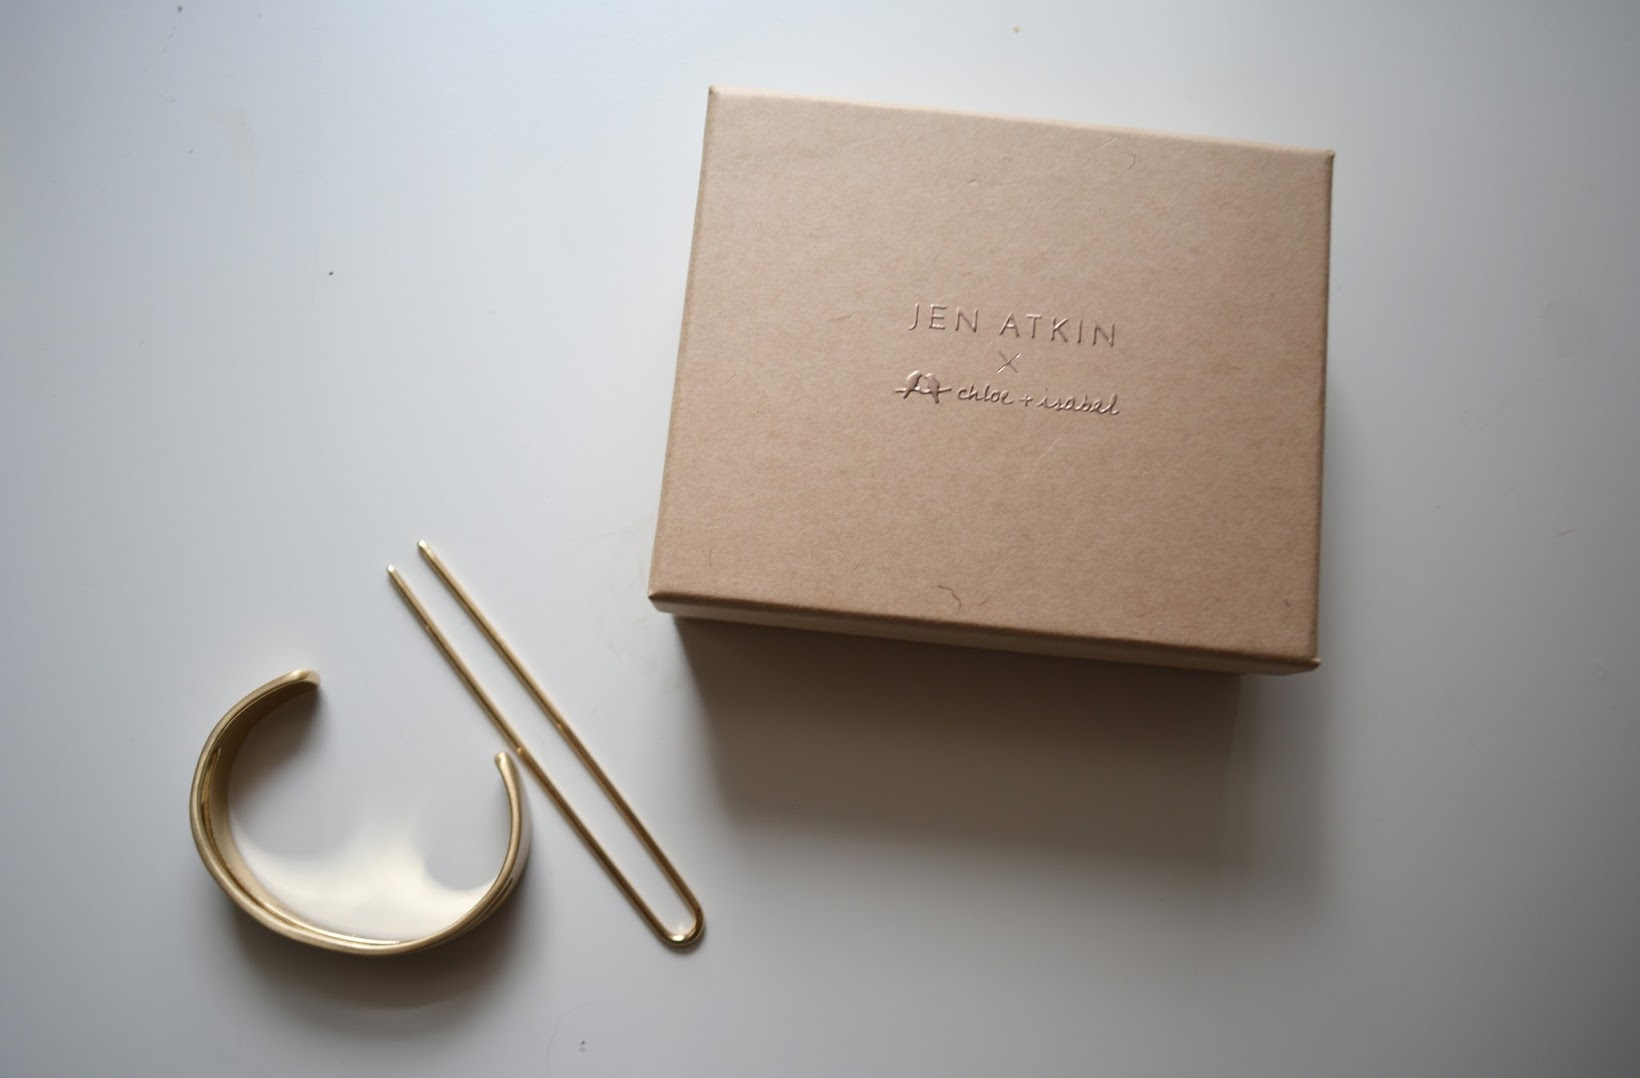 Jen Atkin x Chloe + Isabel Bun Cuff, bun cuff, cuff de moño, gold bun cuff